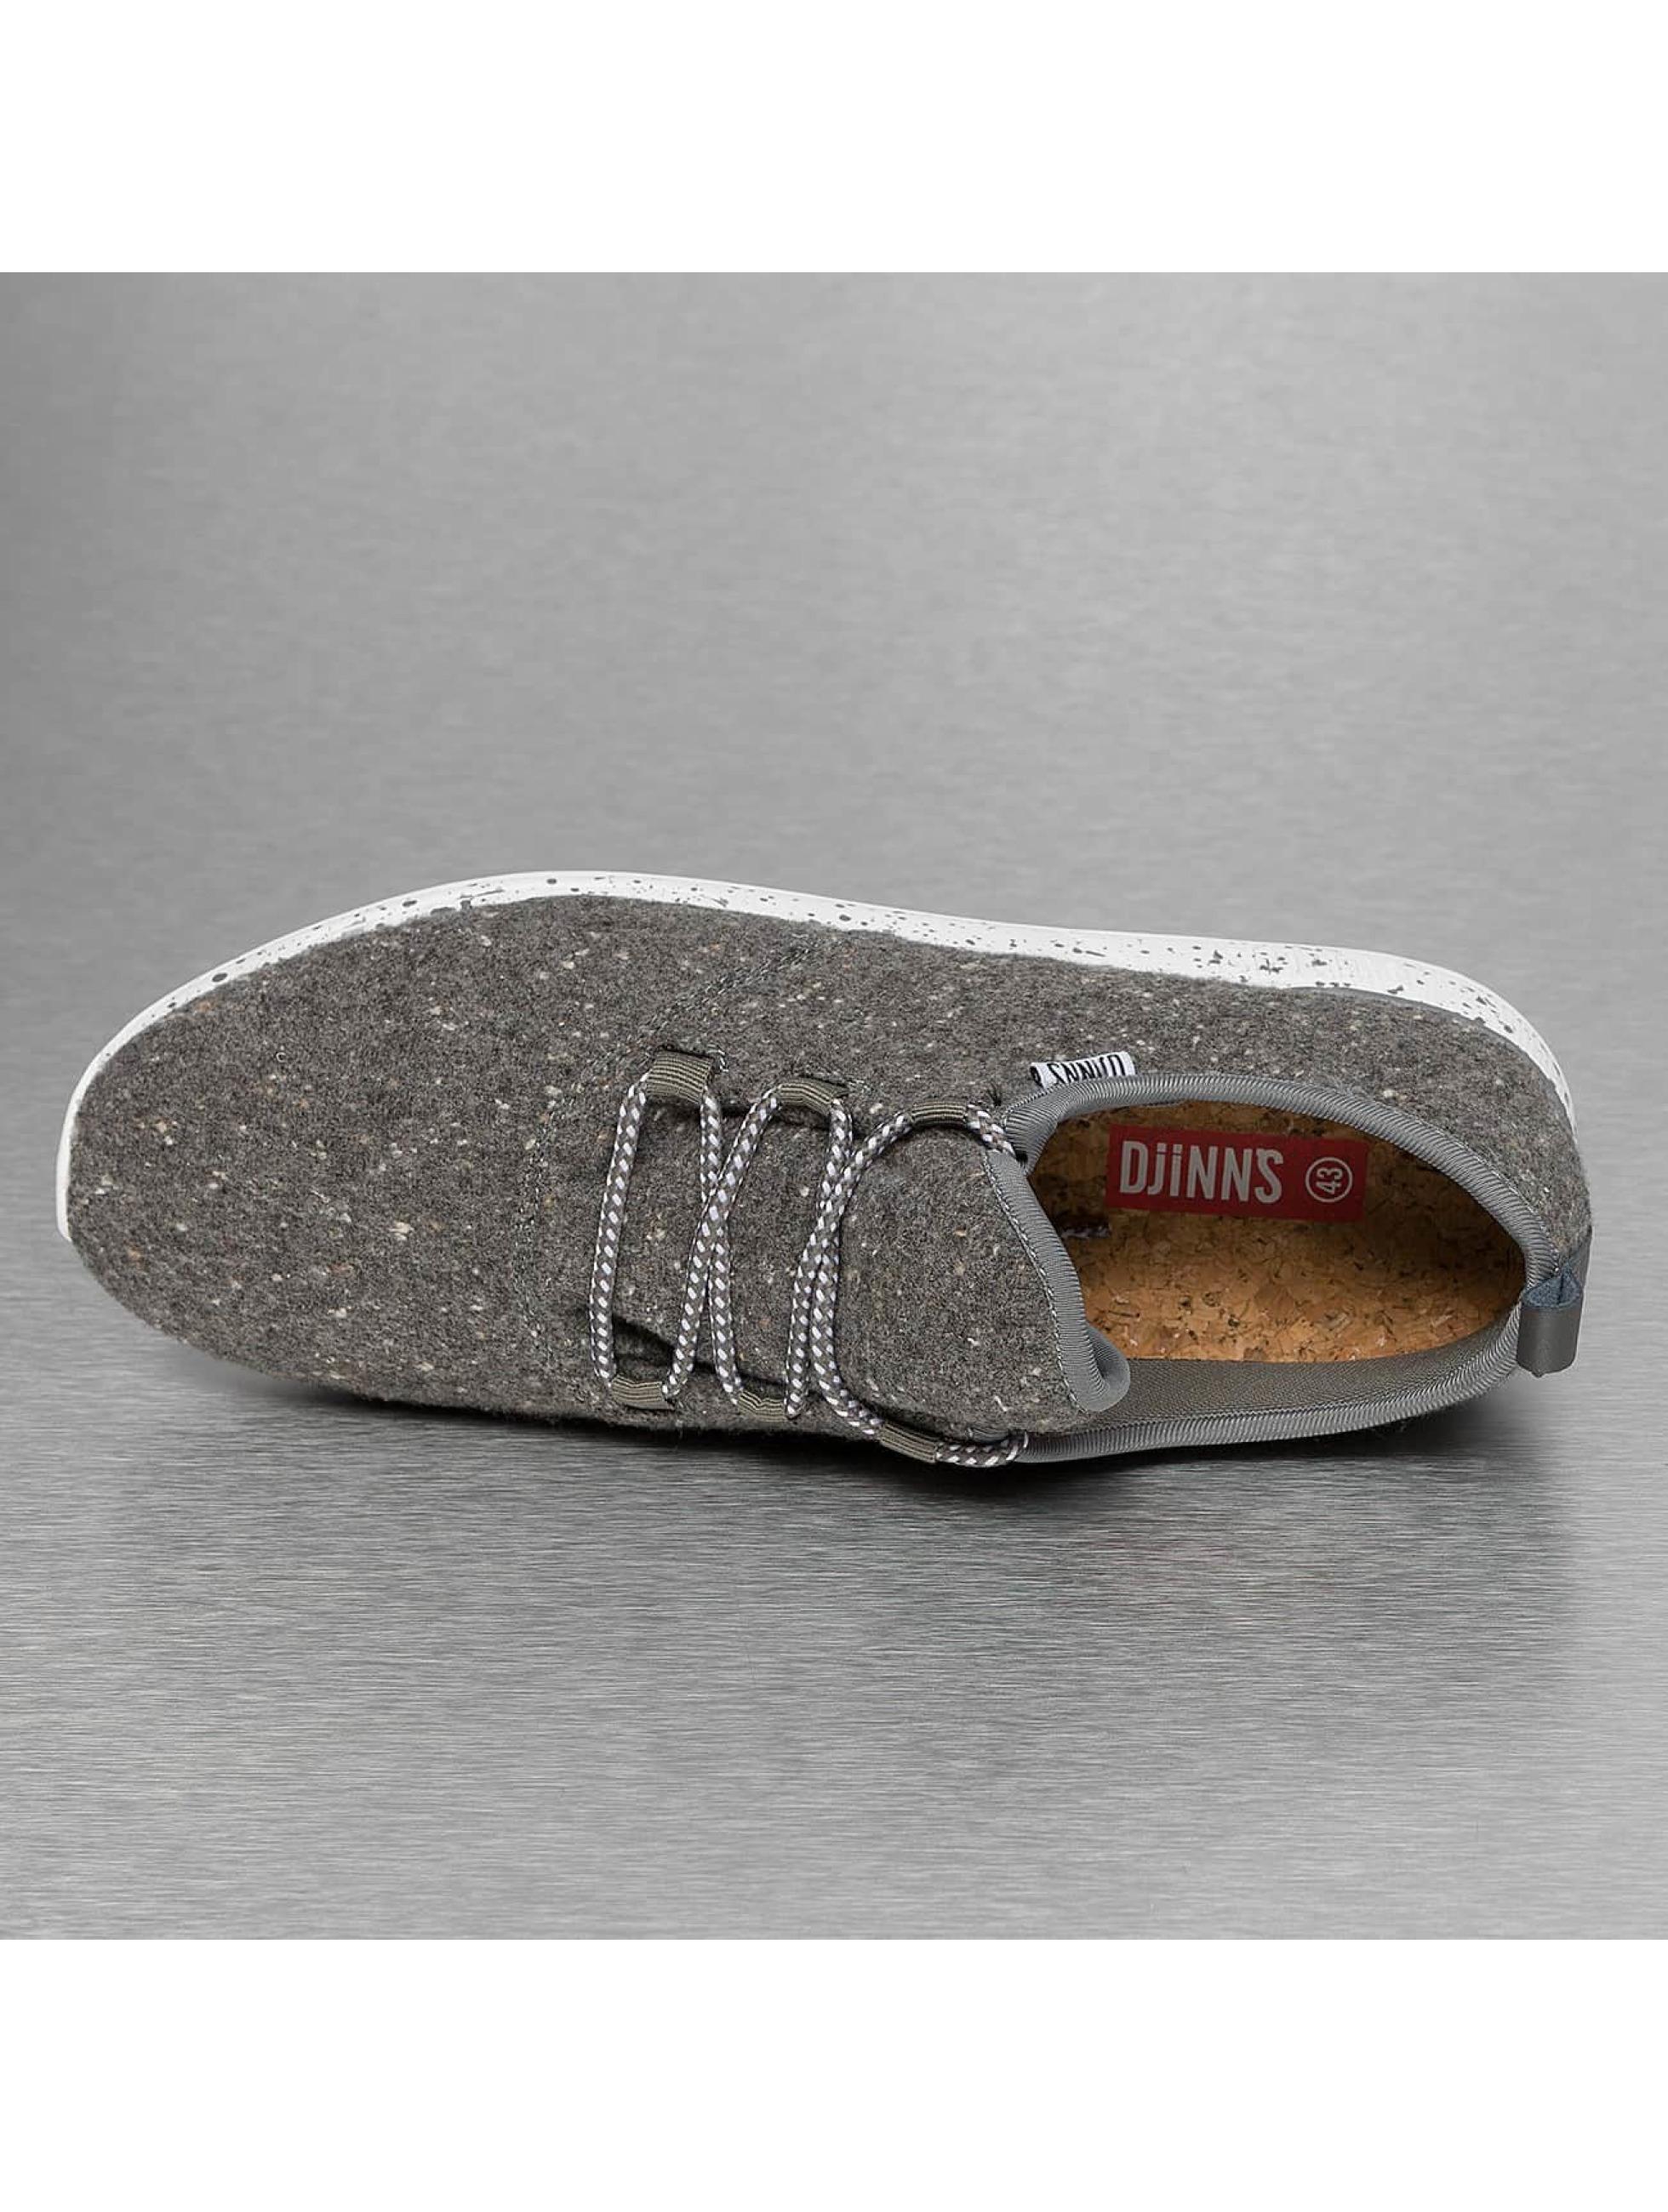 Djinns Sneakers Moc Lau Spots gray